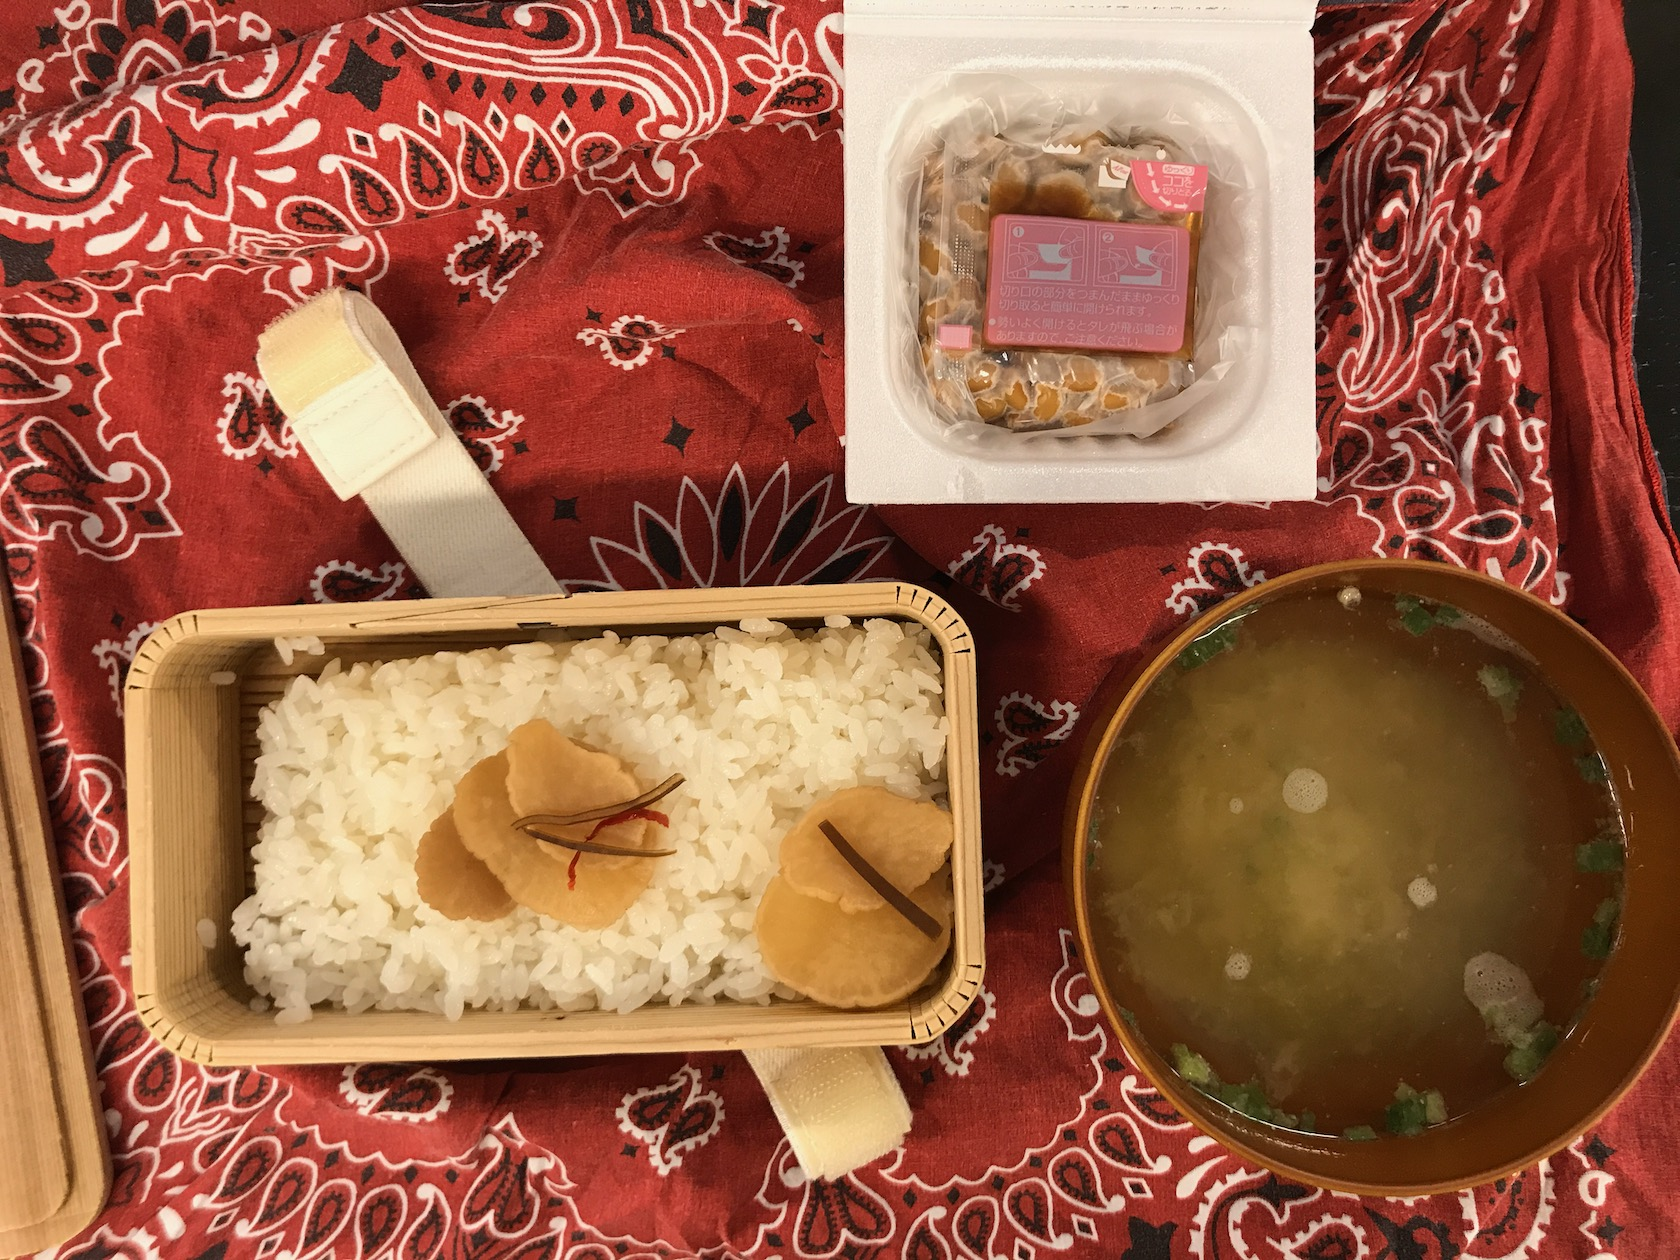 納豆味噌汁漬け物弁当